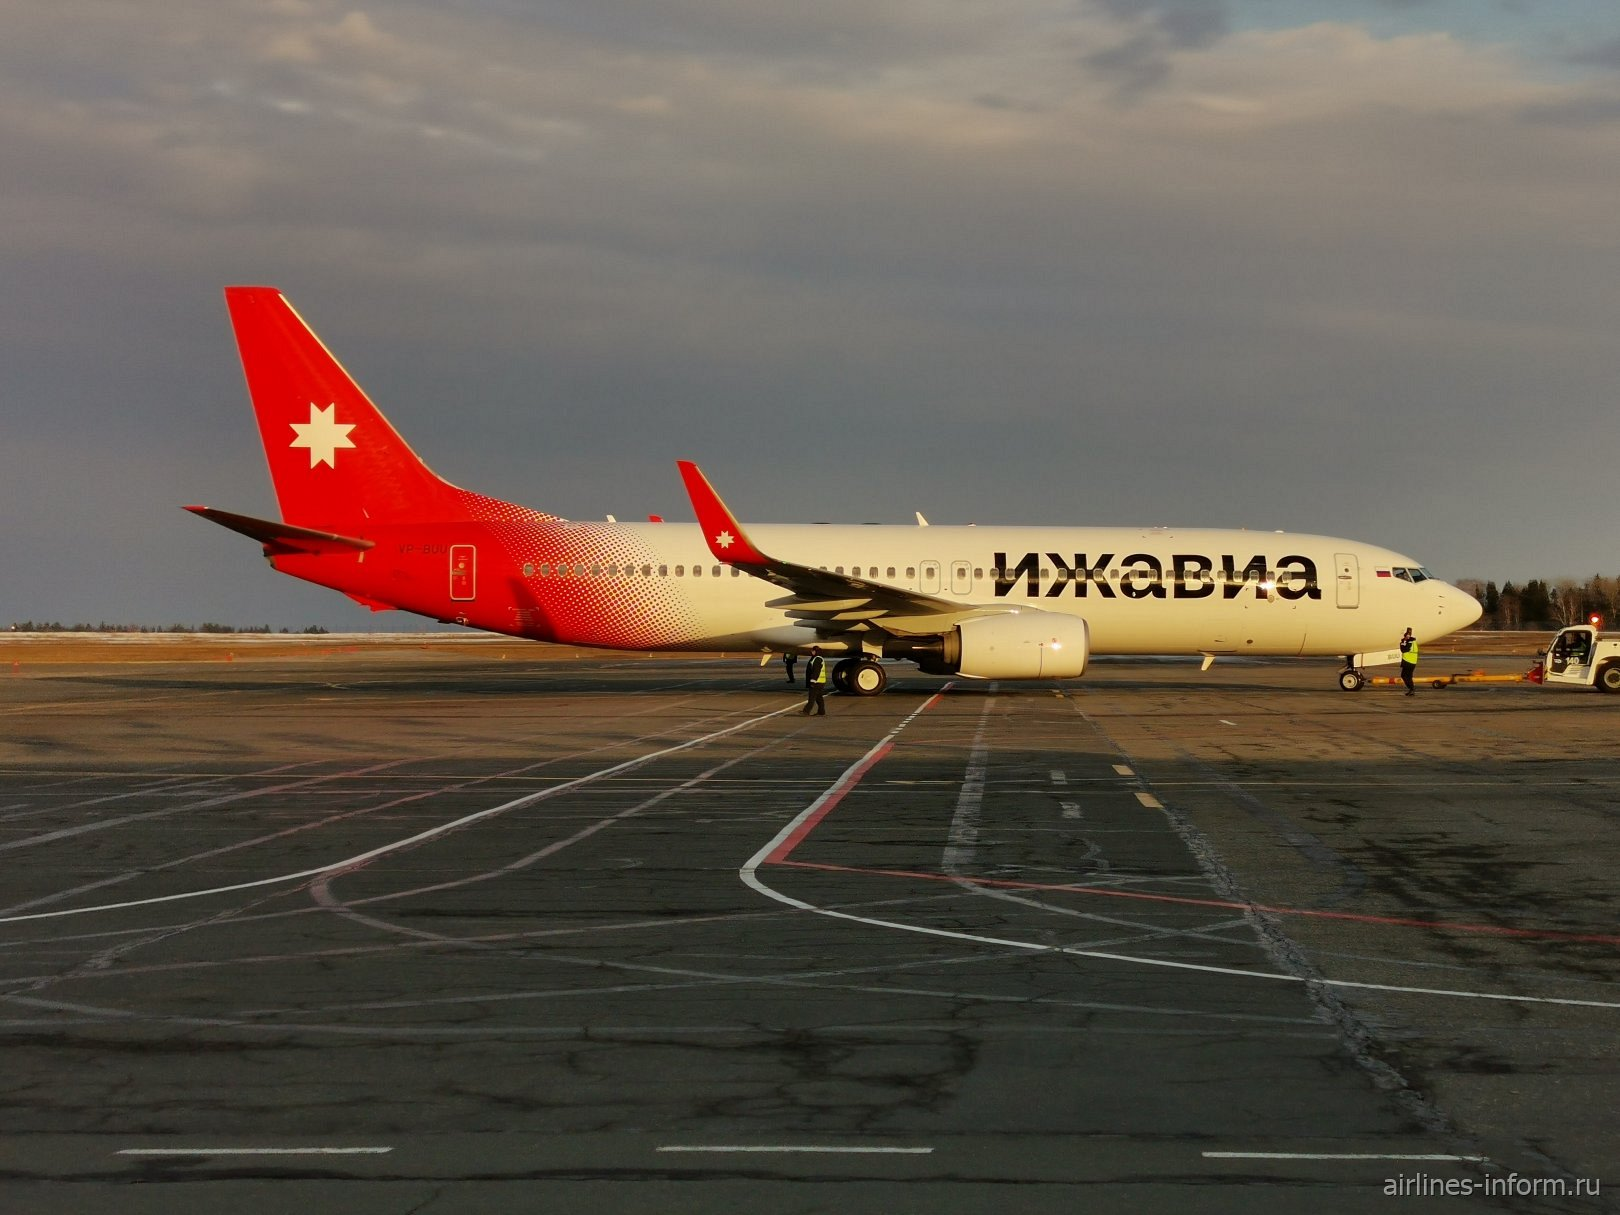 Авиалайнер Боинг-737-800 авиакомпании